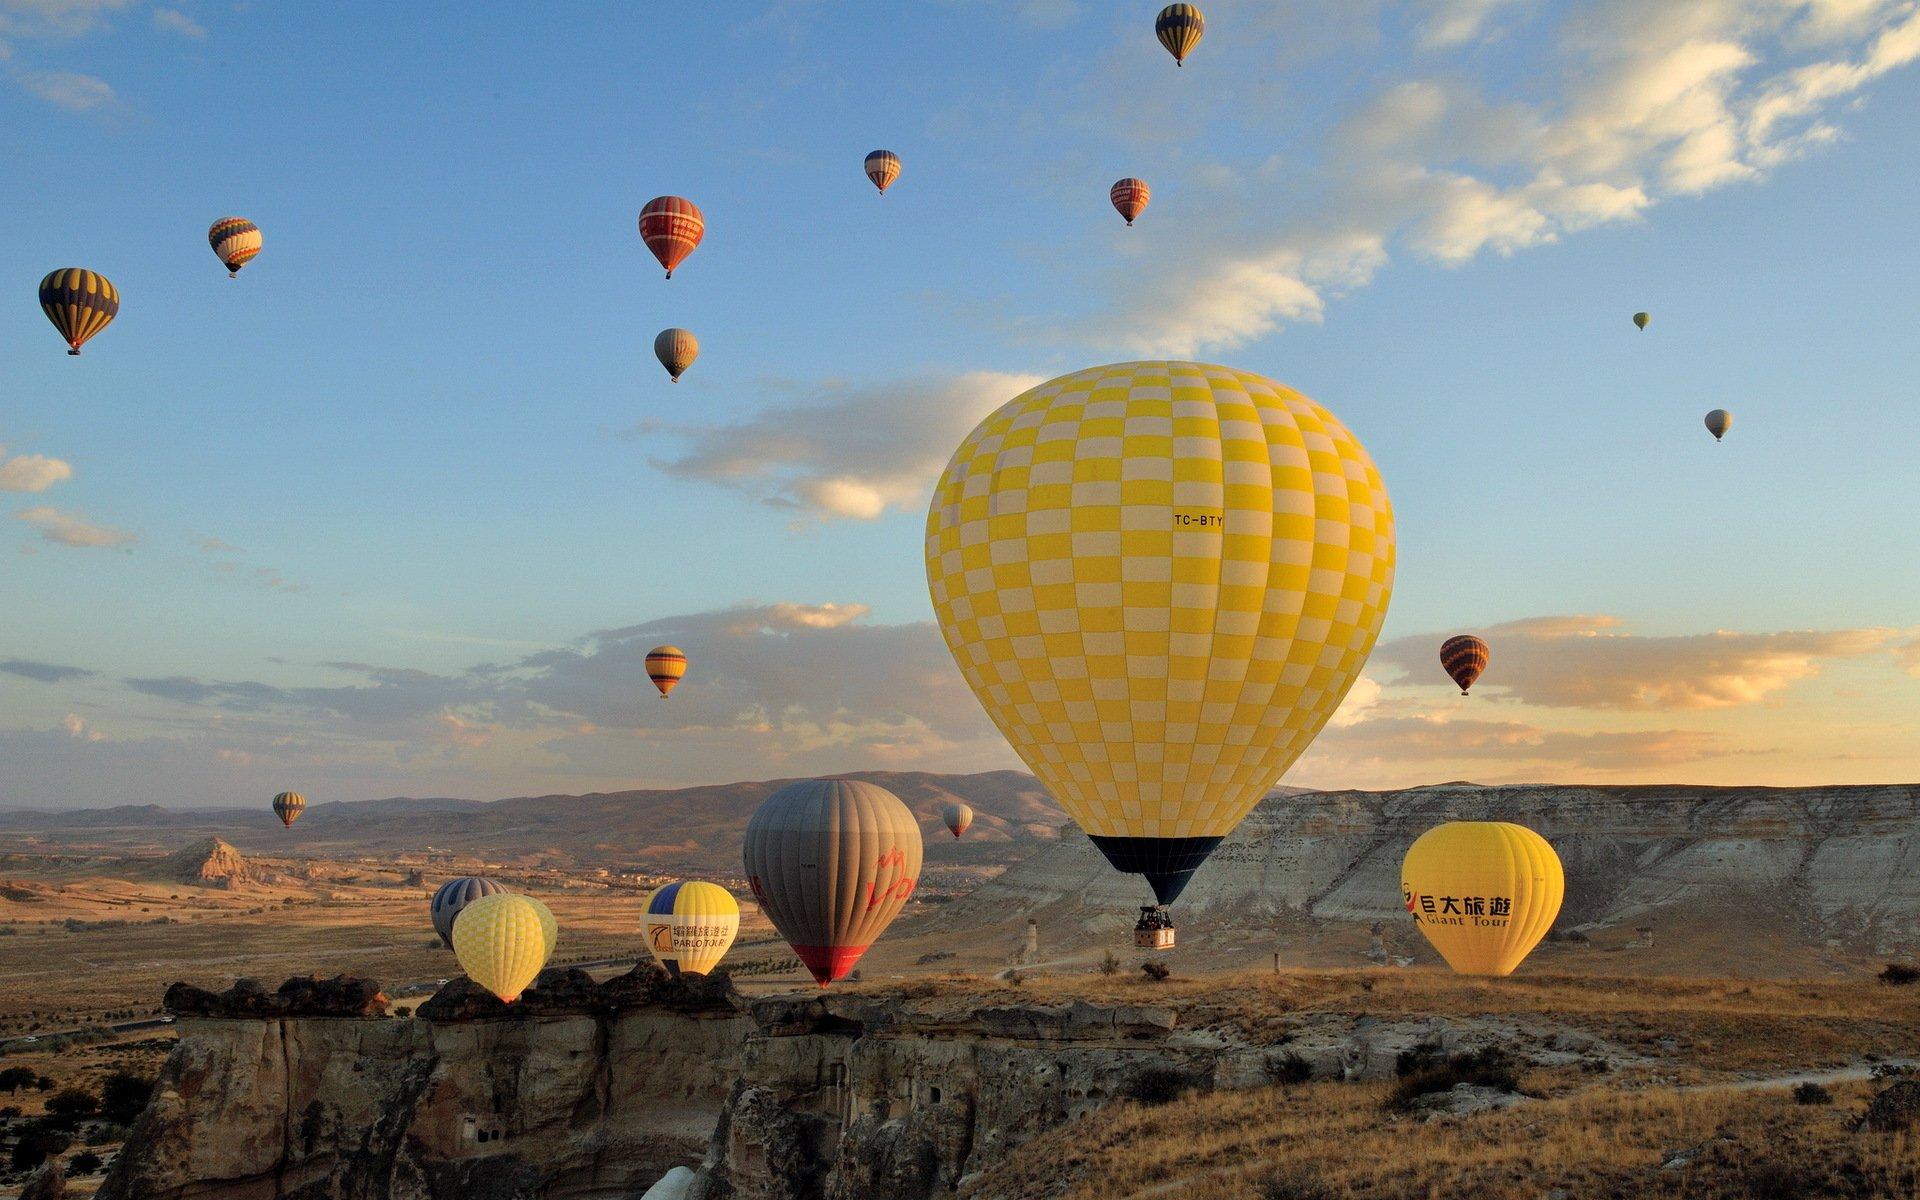 срок роста фото обои на телефон воздушные шары испанскую